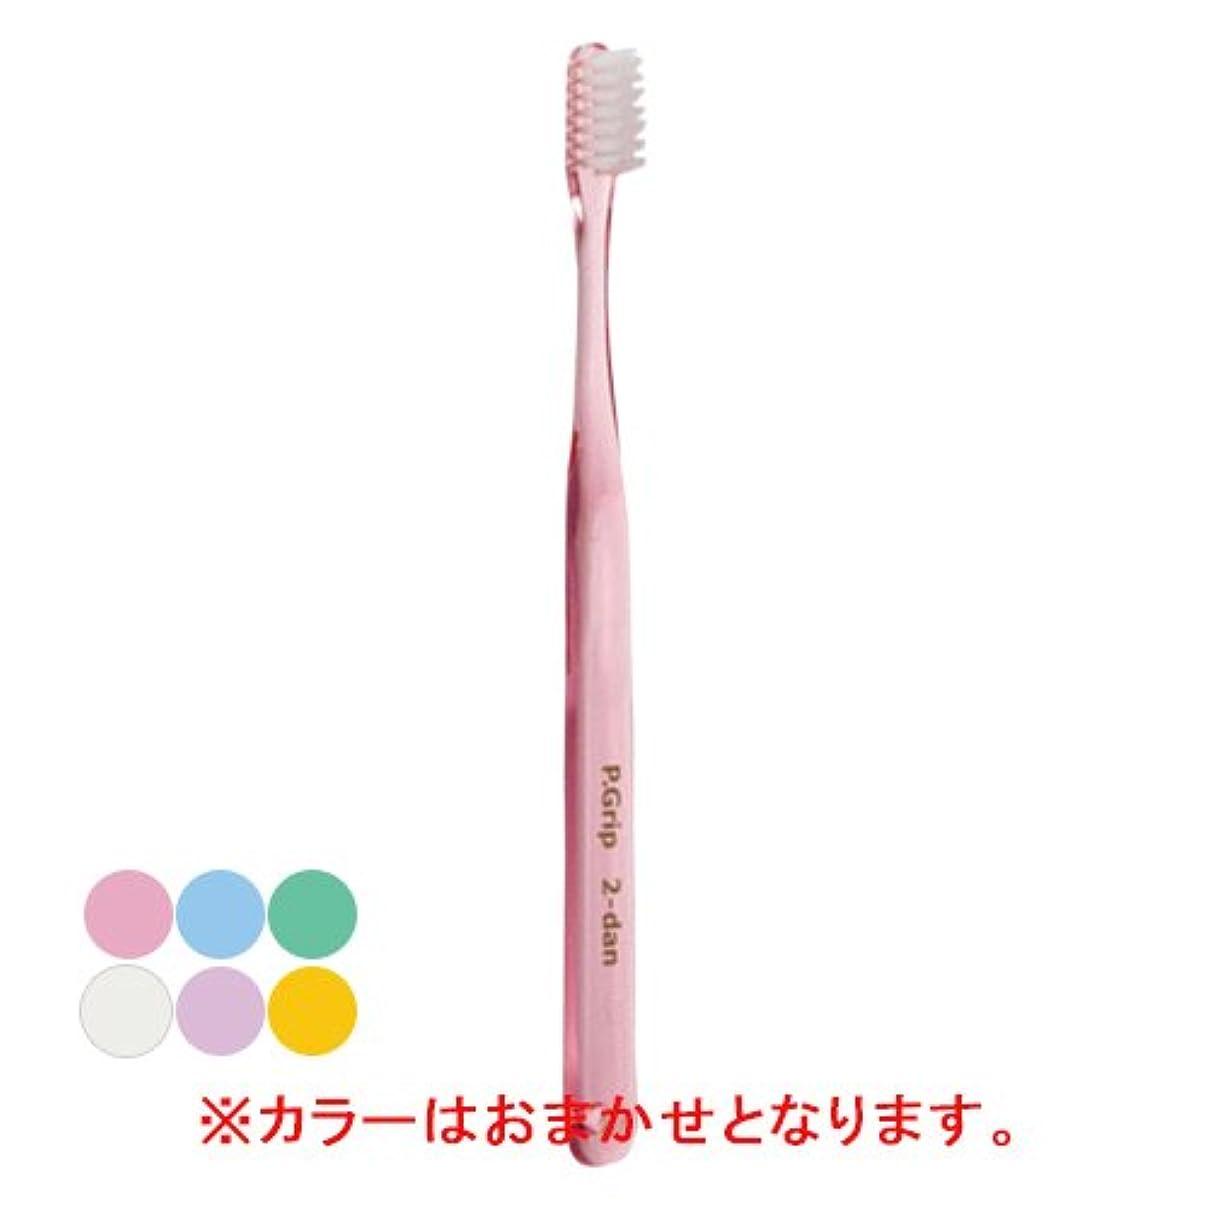 電極断線重力P.D.R.(ピーディーアール) P.Grip(ピーグリップ)歯ブラシ 二段植毛タイプ ソフト(やわらかめ) 1本